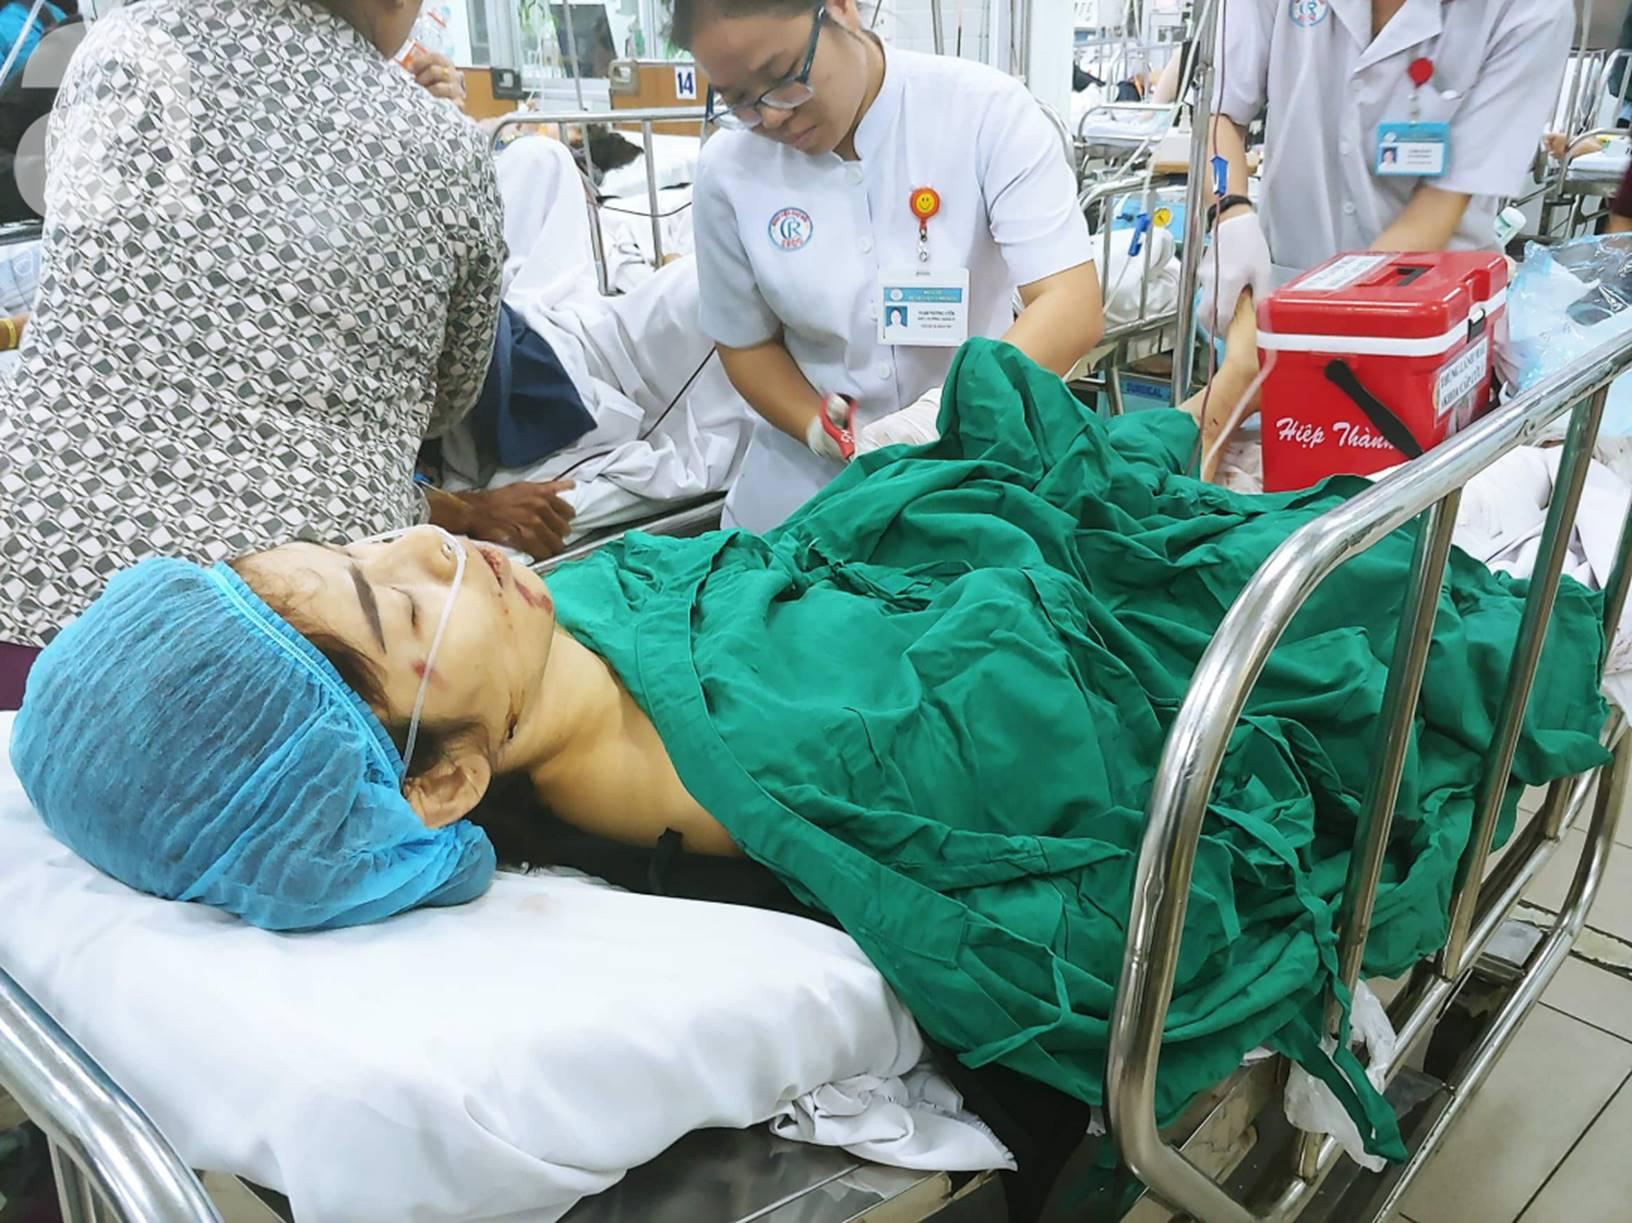 Đám tang đẫm nước mắt của những nạn nhân vụ tai nạn: Dưới bánh xe container định mệnh, họ chẳng bao giờ tỉnh dậy nữa-8